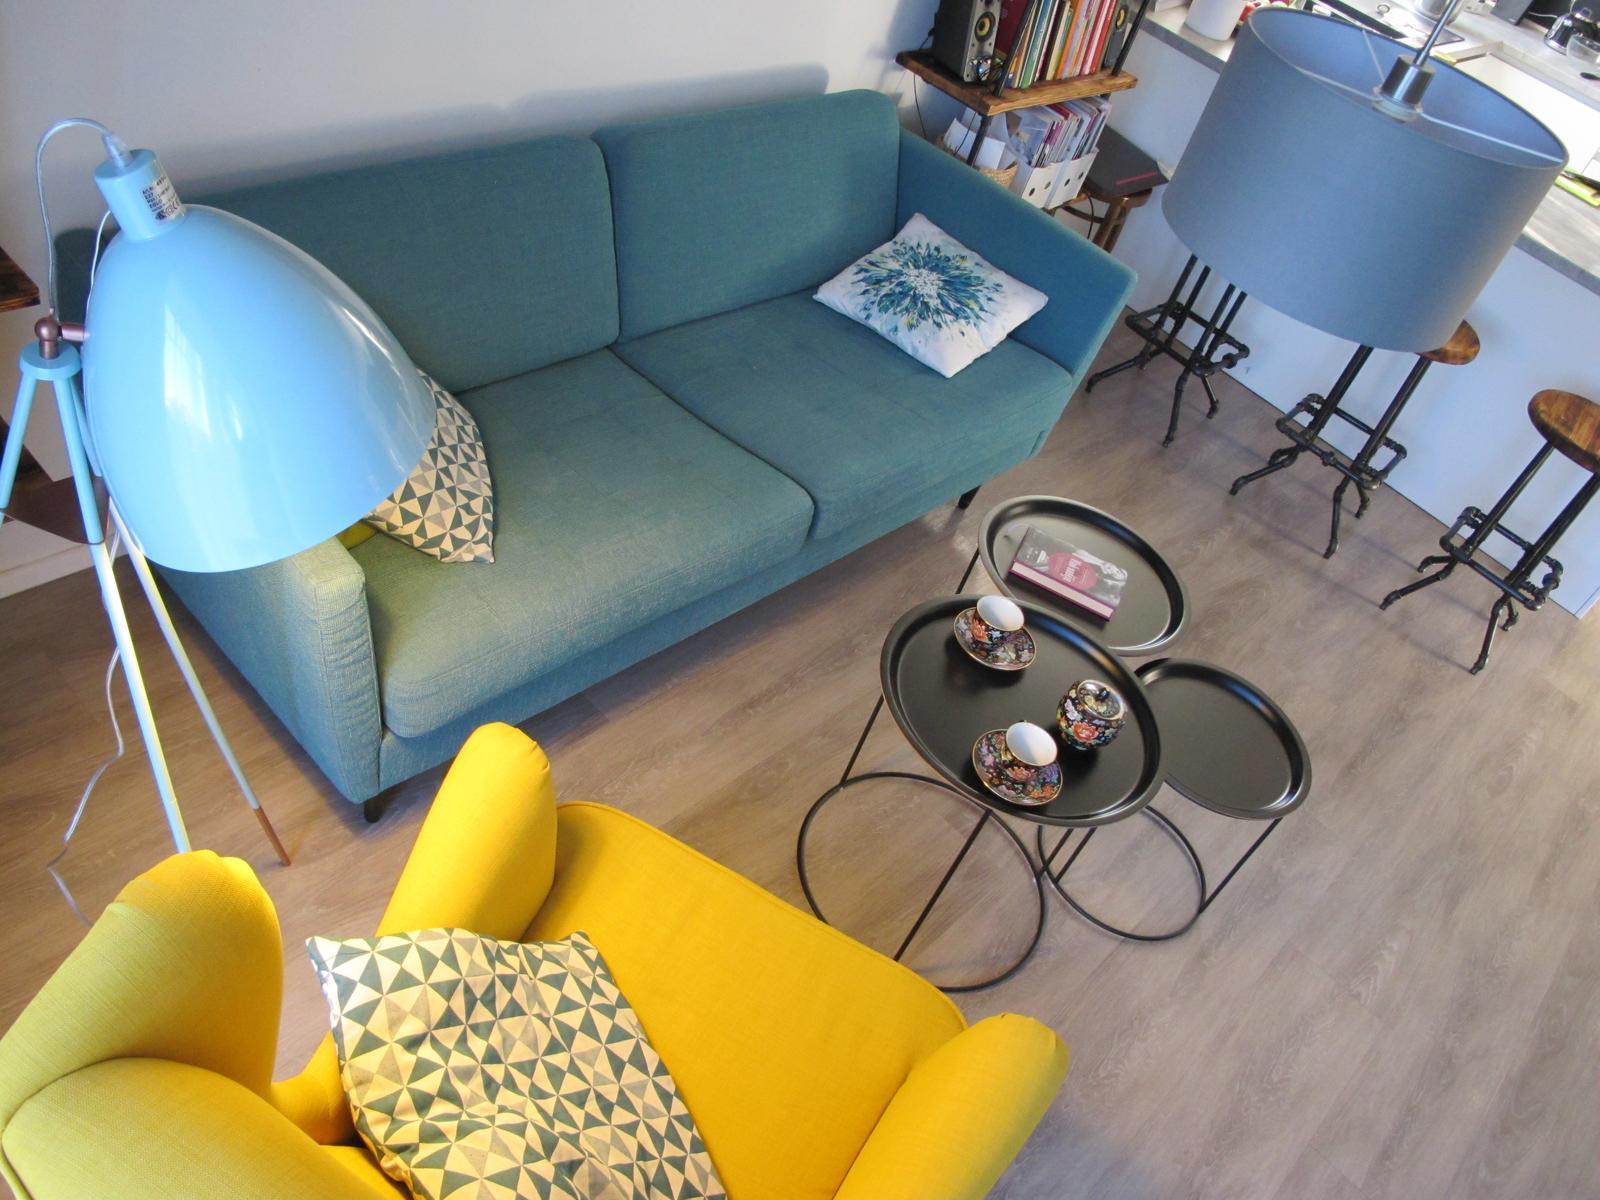 Obývák pro knihomoly - modrozelená lampa je presně to co jsem hledala